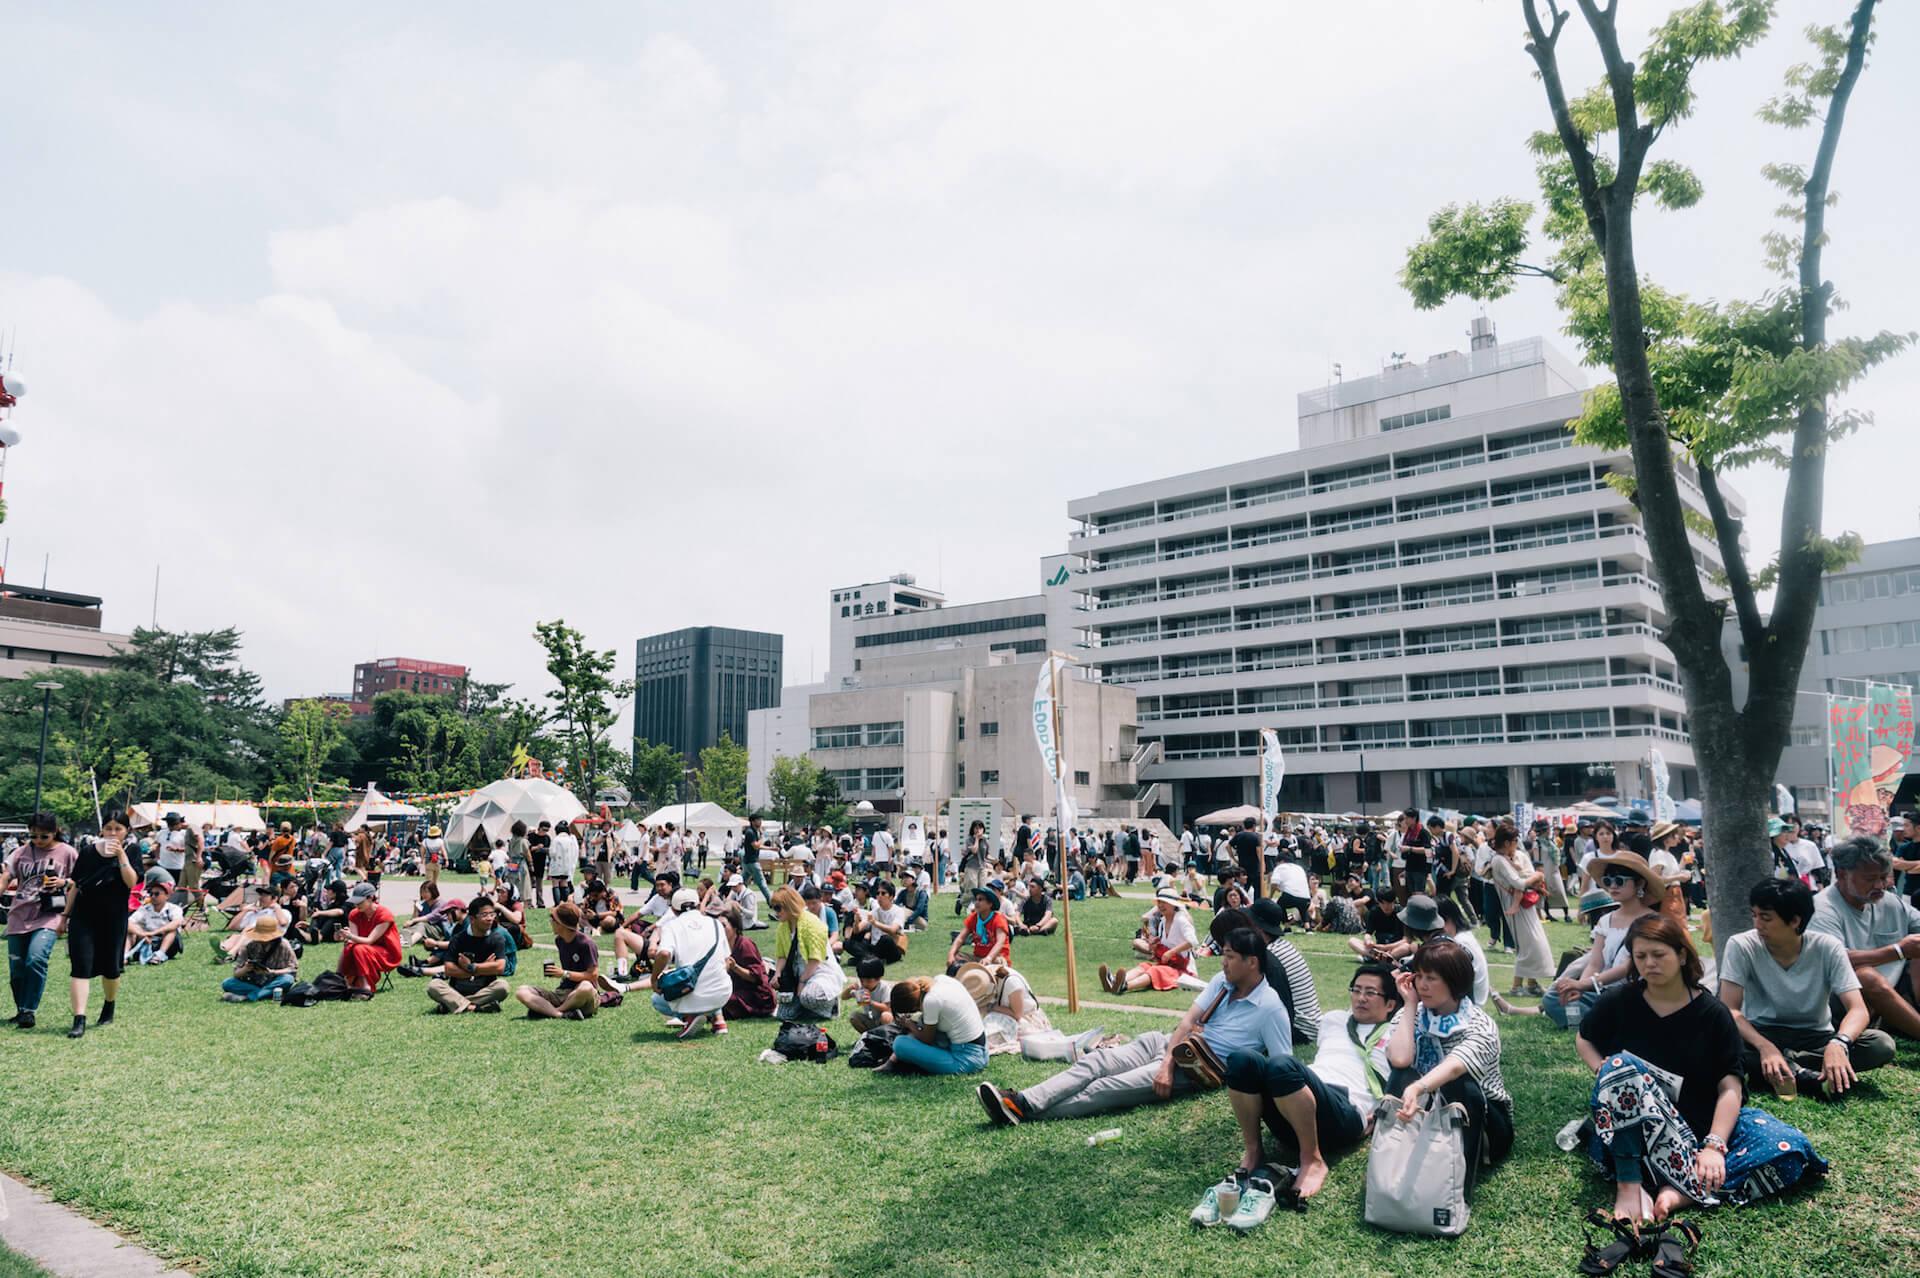 初開催のONE PARK FESTIVALレポート|WONK長塚、Ovall、福井のアーティストhendecagonと水咲加奈の感想は? music190719-oneparkfestival-10